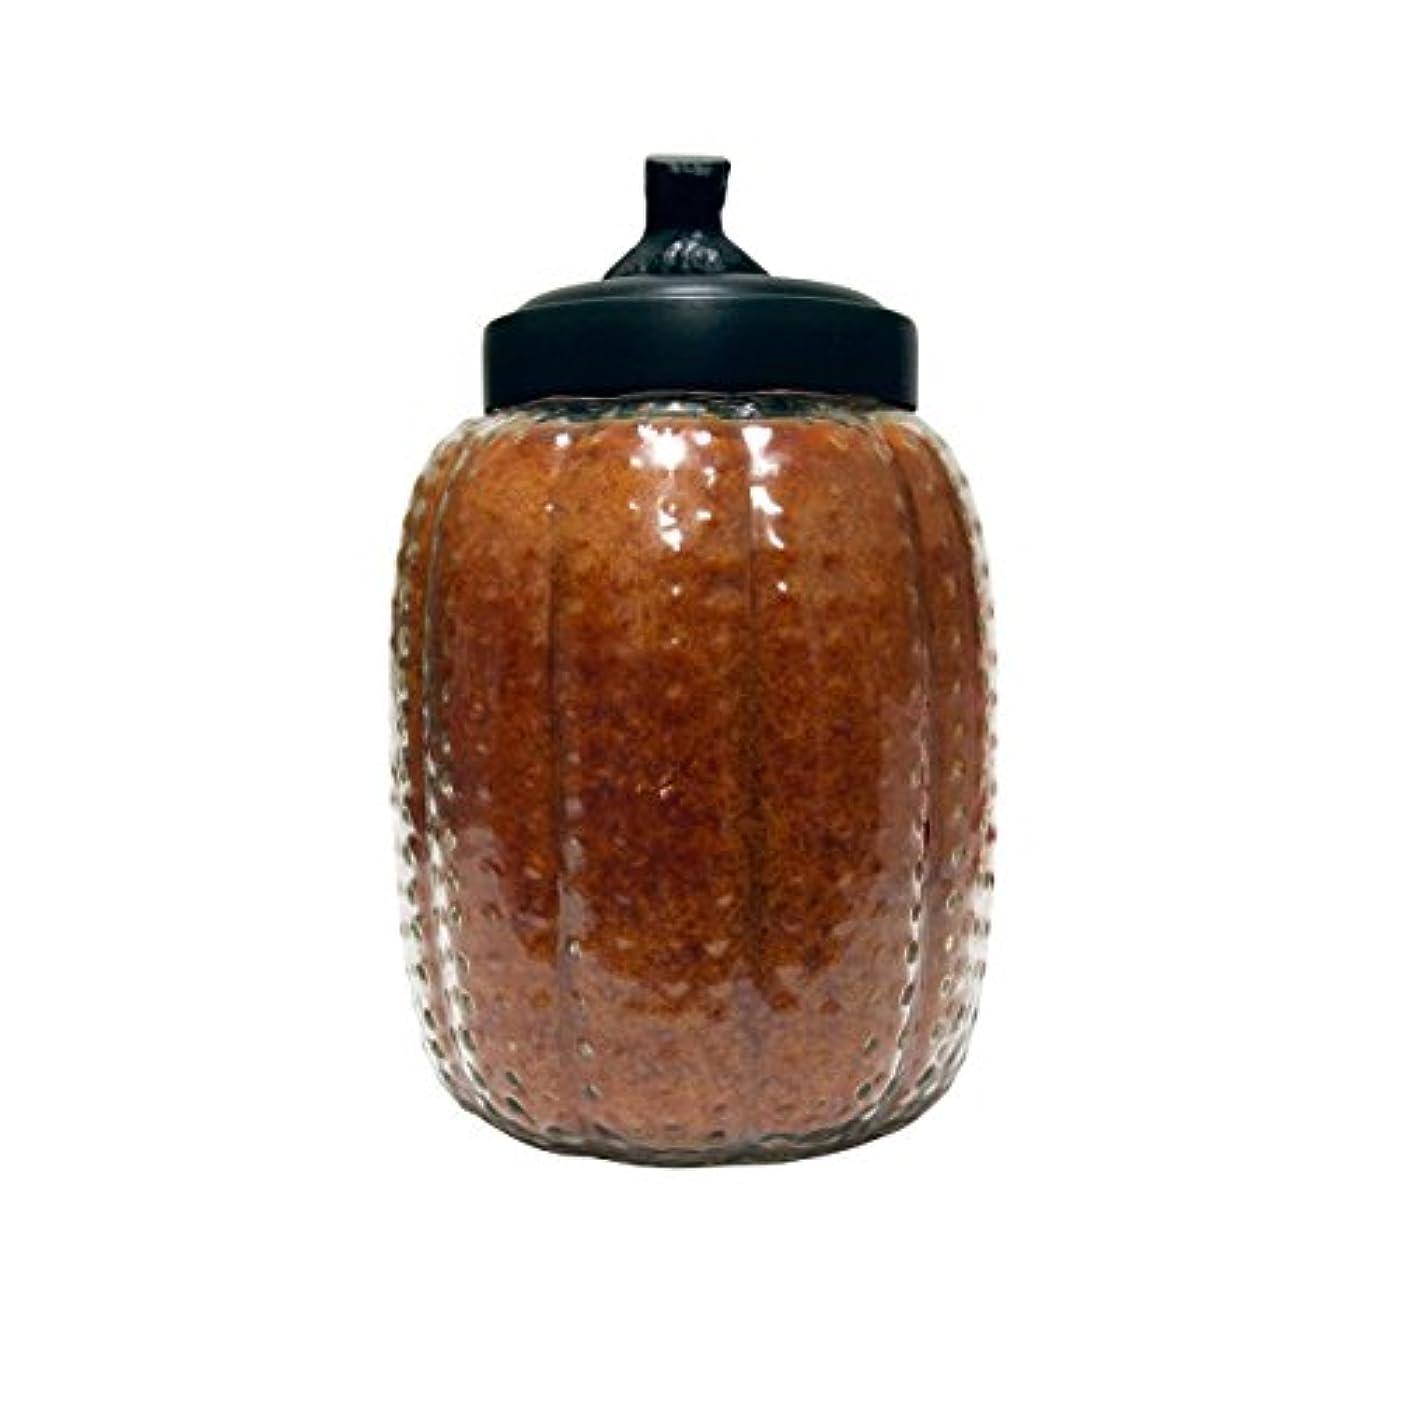 思い出す砂利コマンドA Cheerful Giver Autumn Orchards Pumpkin Jar Candle, 26-Ounce by Cheerful Giver [並行輸入品]